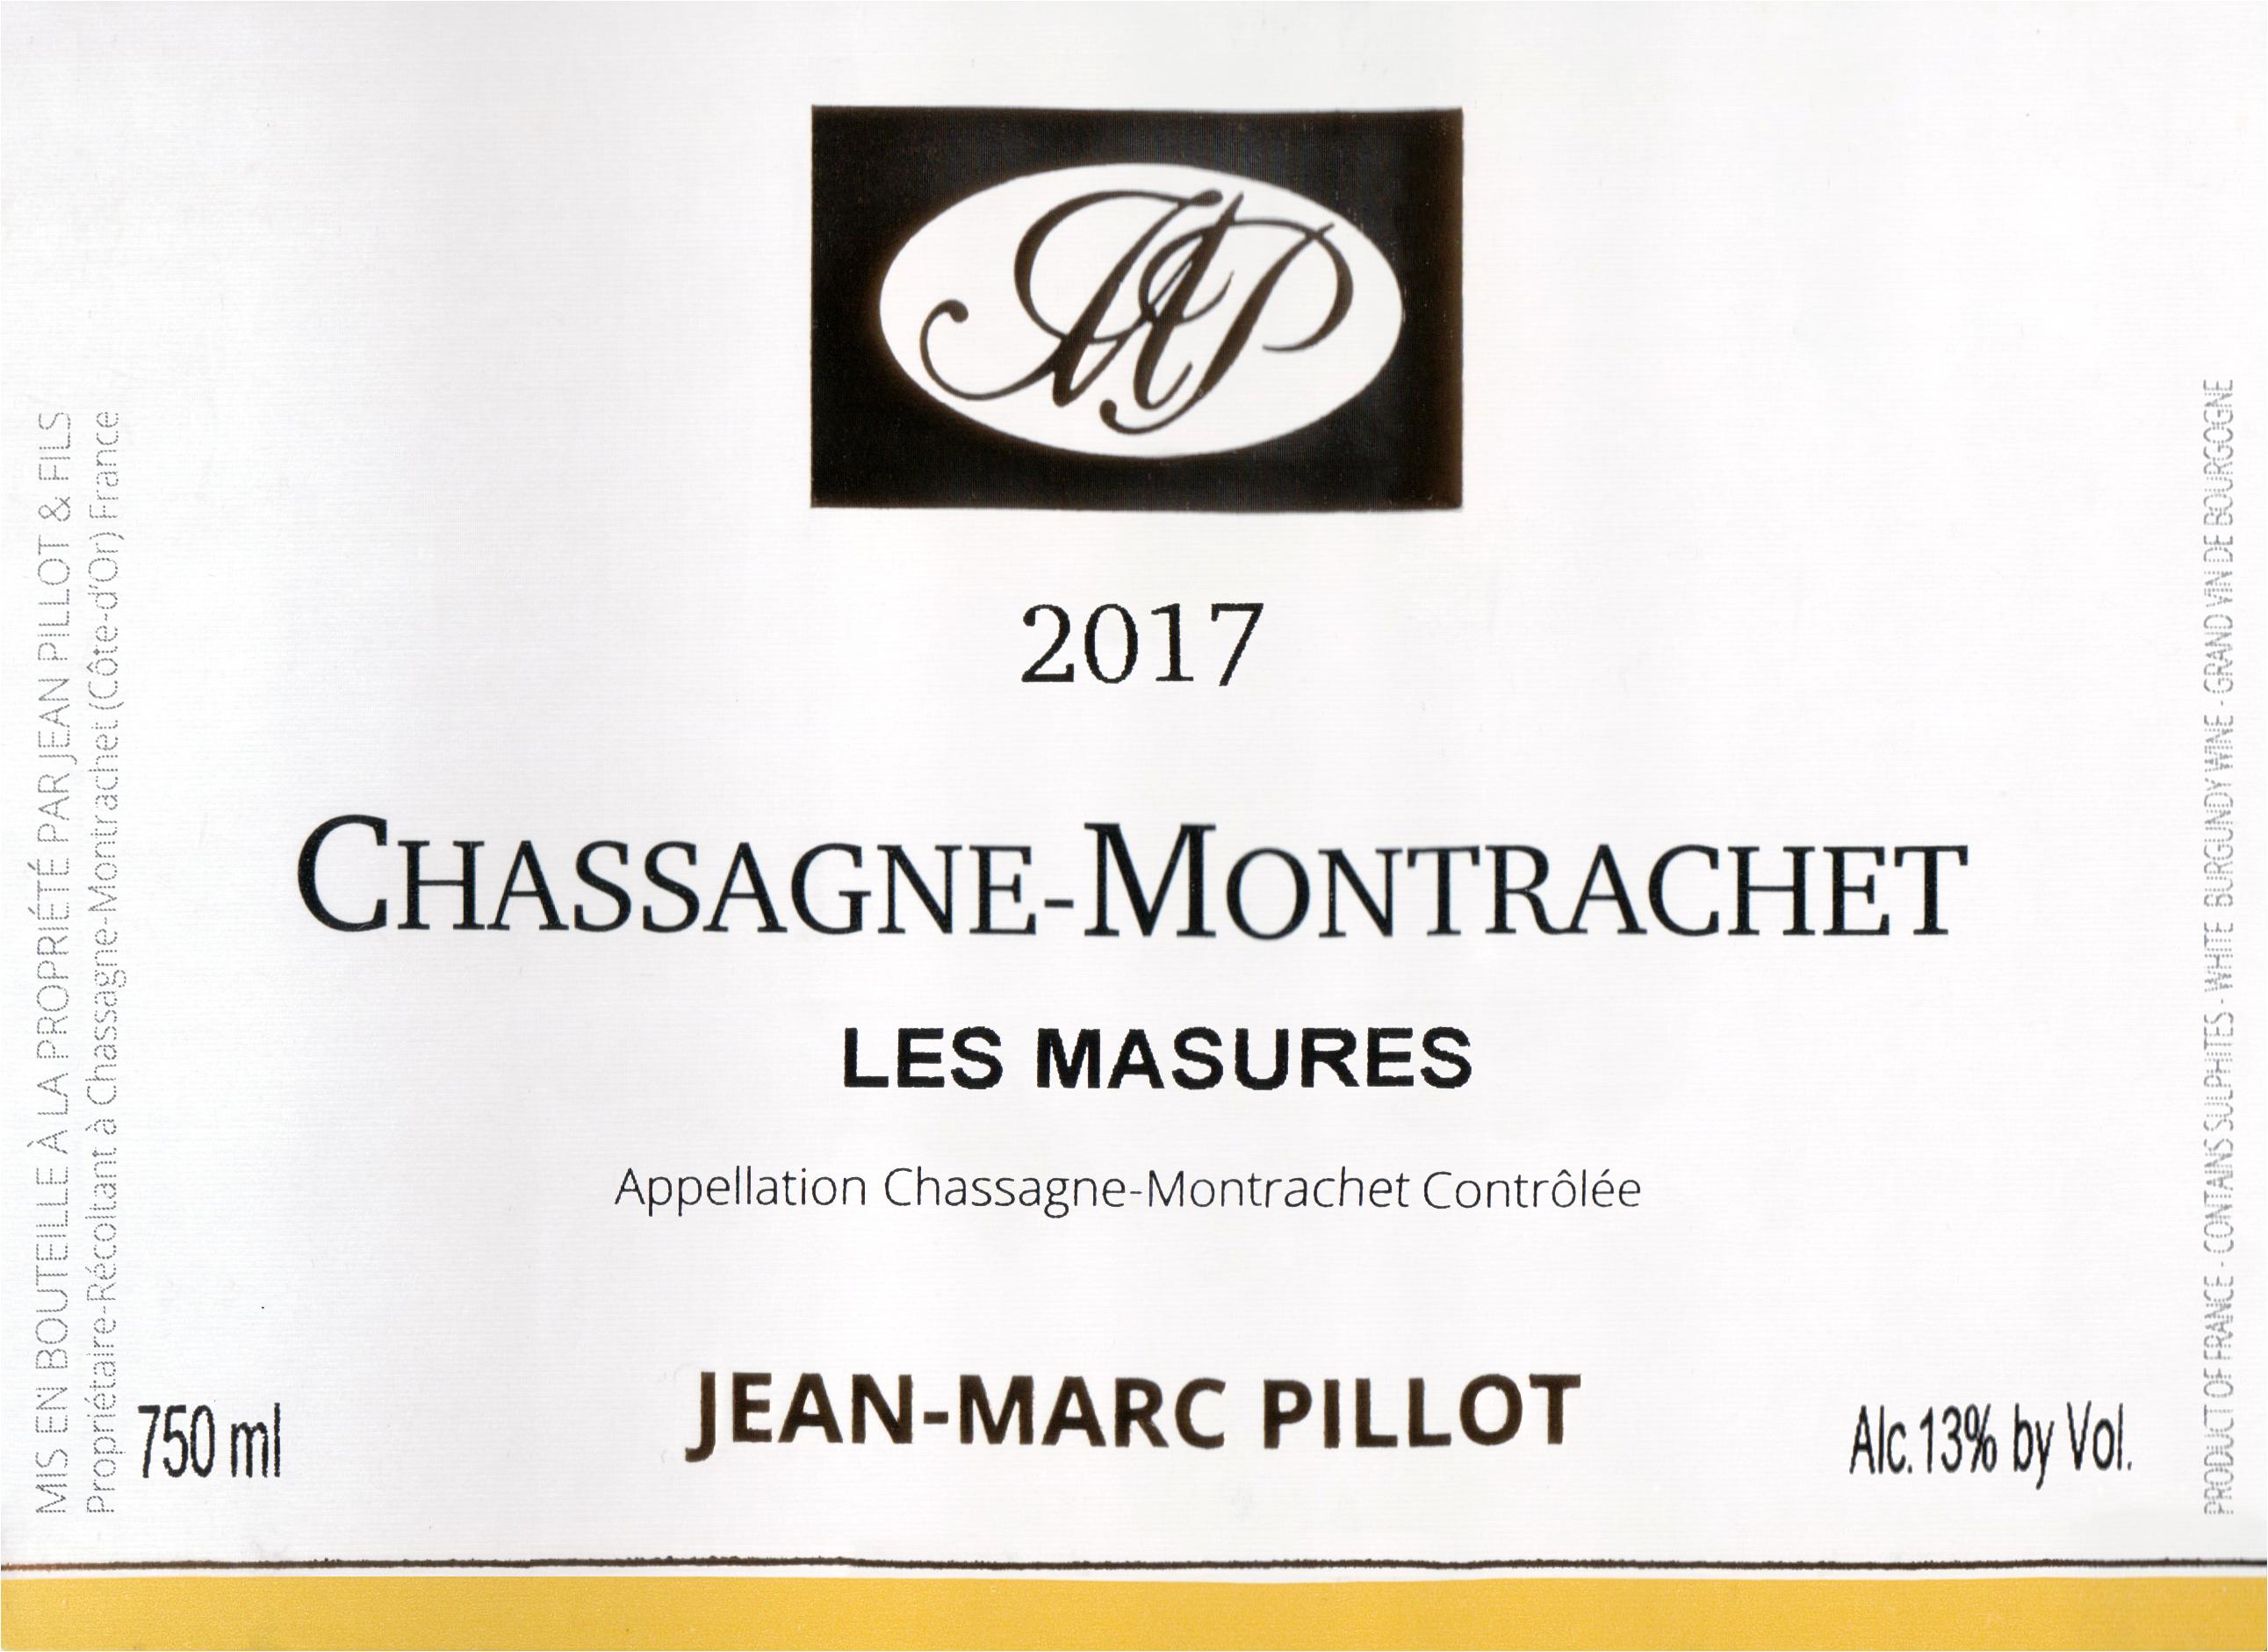 Jean Marc Pillot Chassagne Montrachet Les Masures 2017